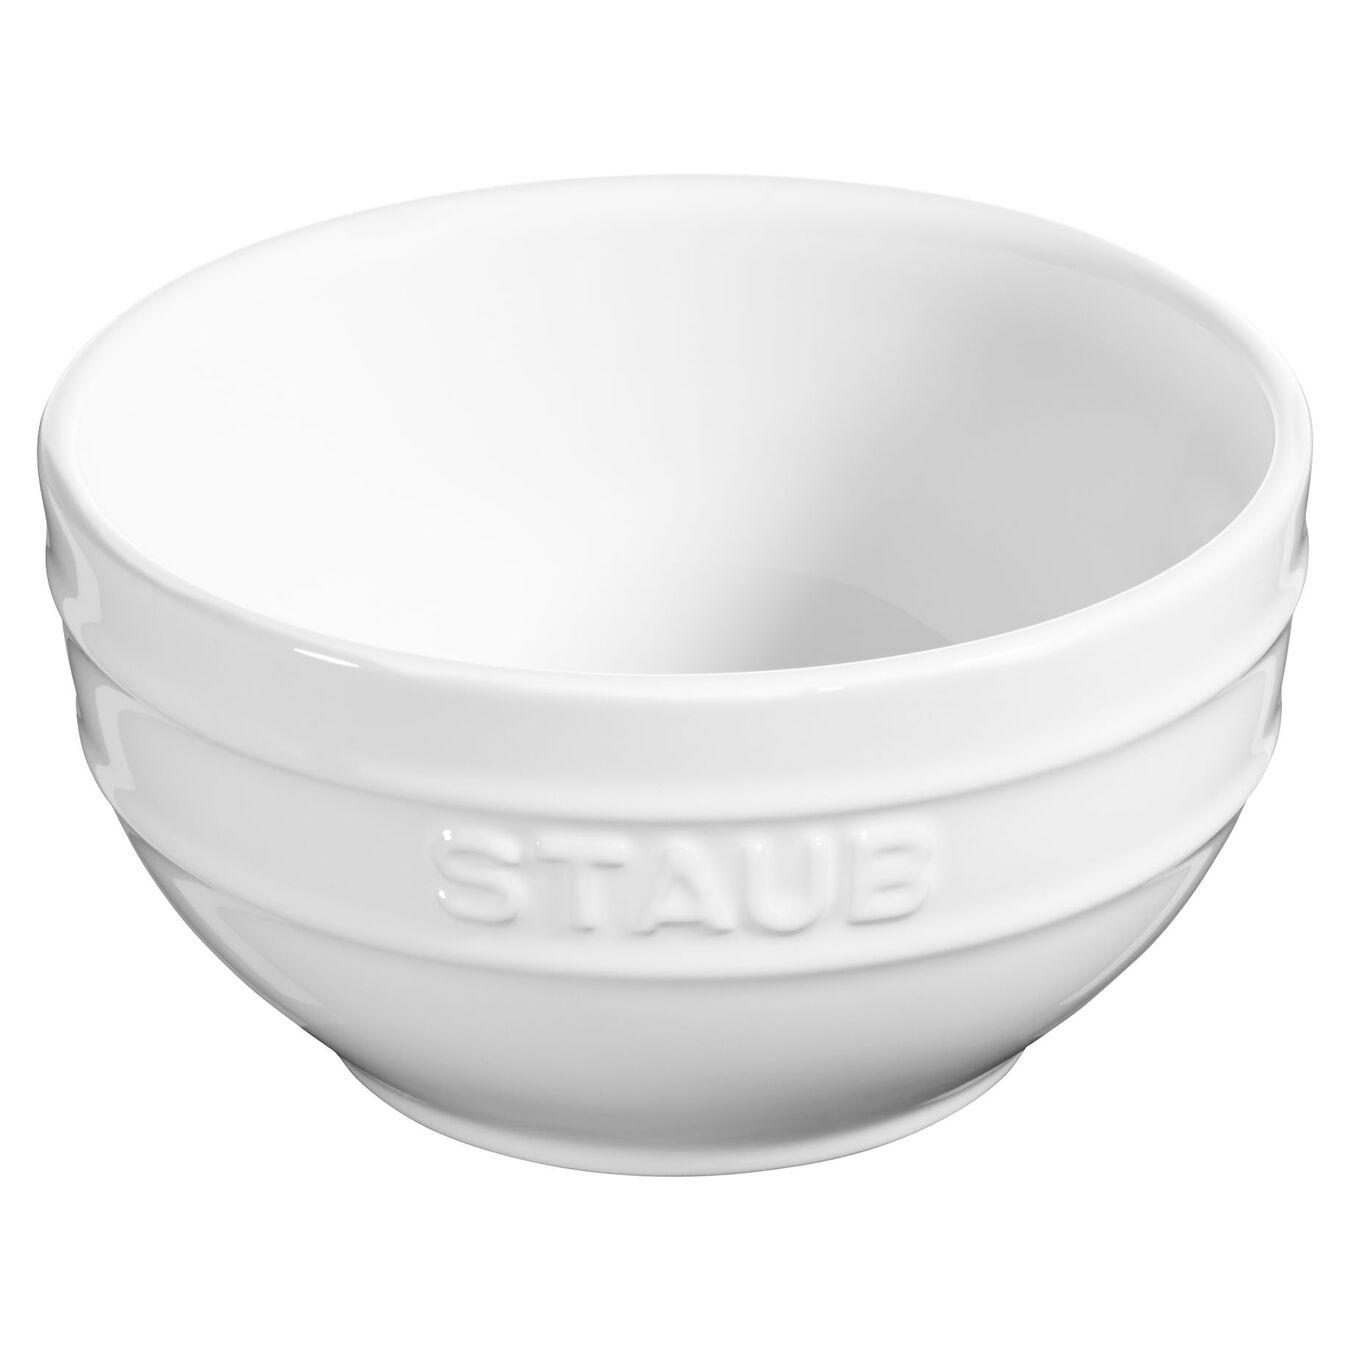 Ciotola rotonda - 14 cm, Colore bianco puro,,large 1